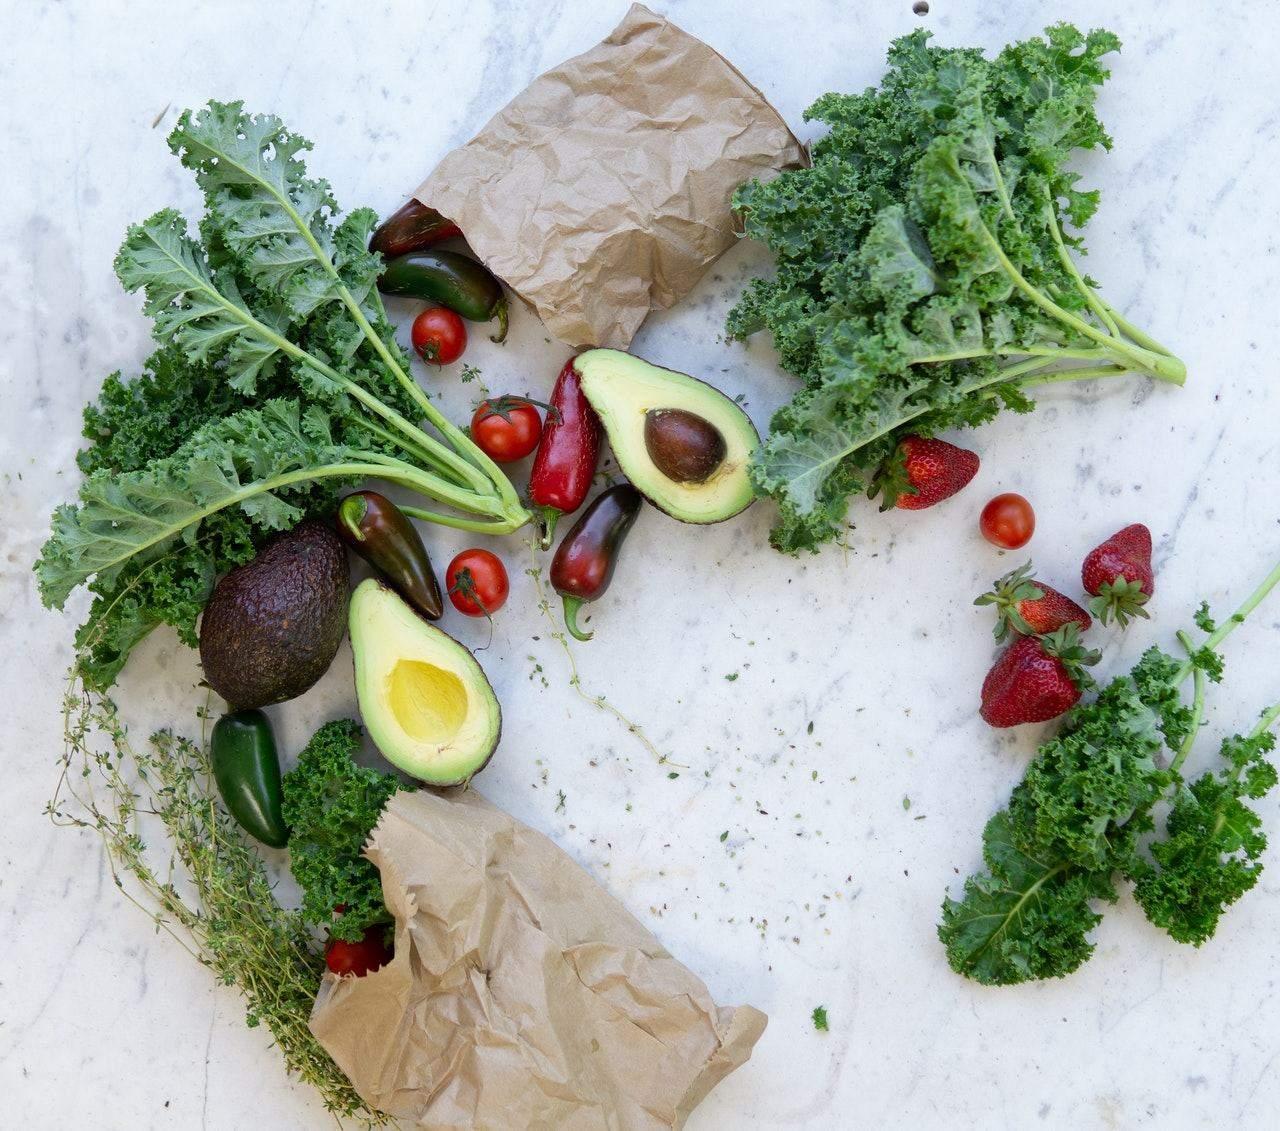 Відмовтеся від напівфабрикатів і їжте більше натуральних продуктів